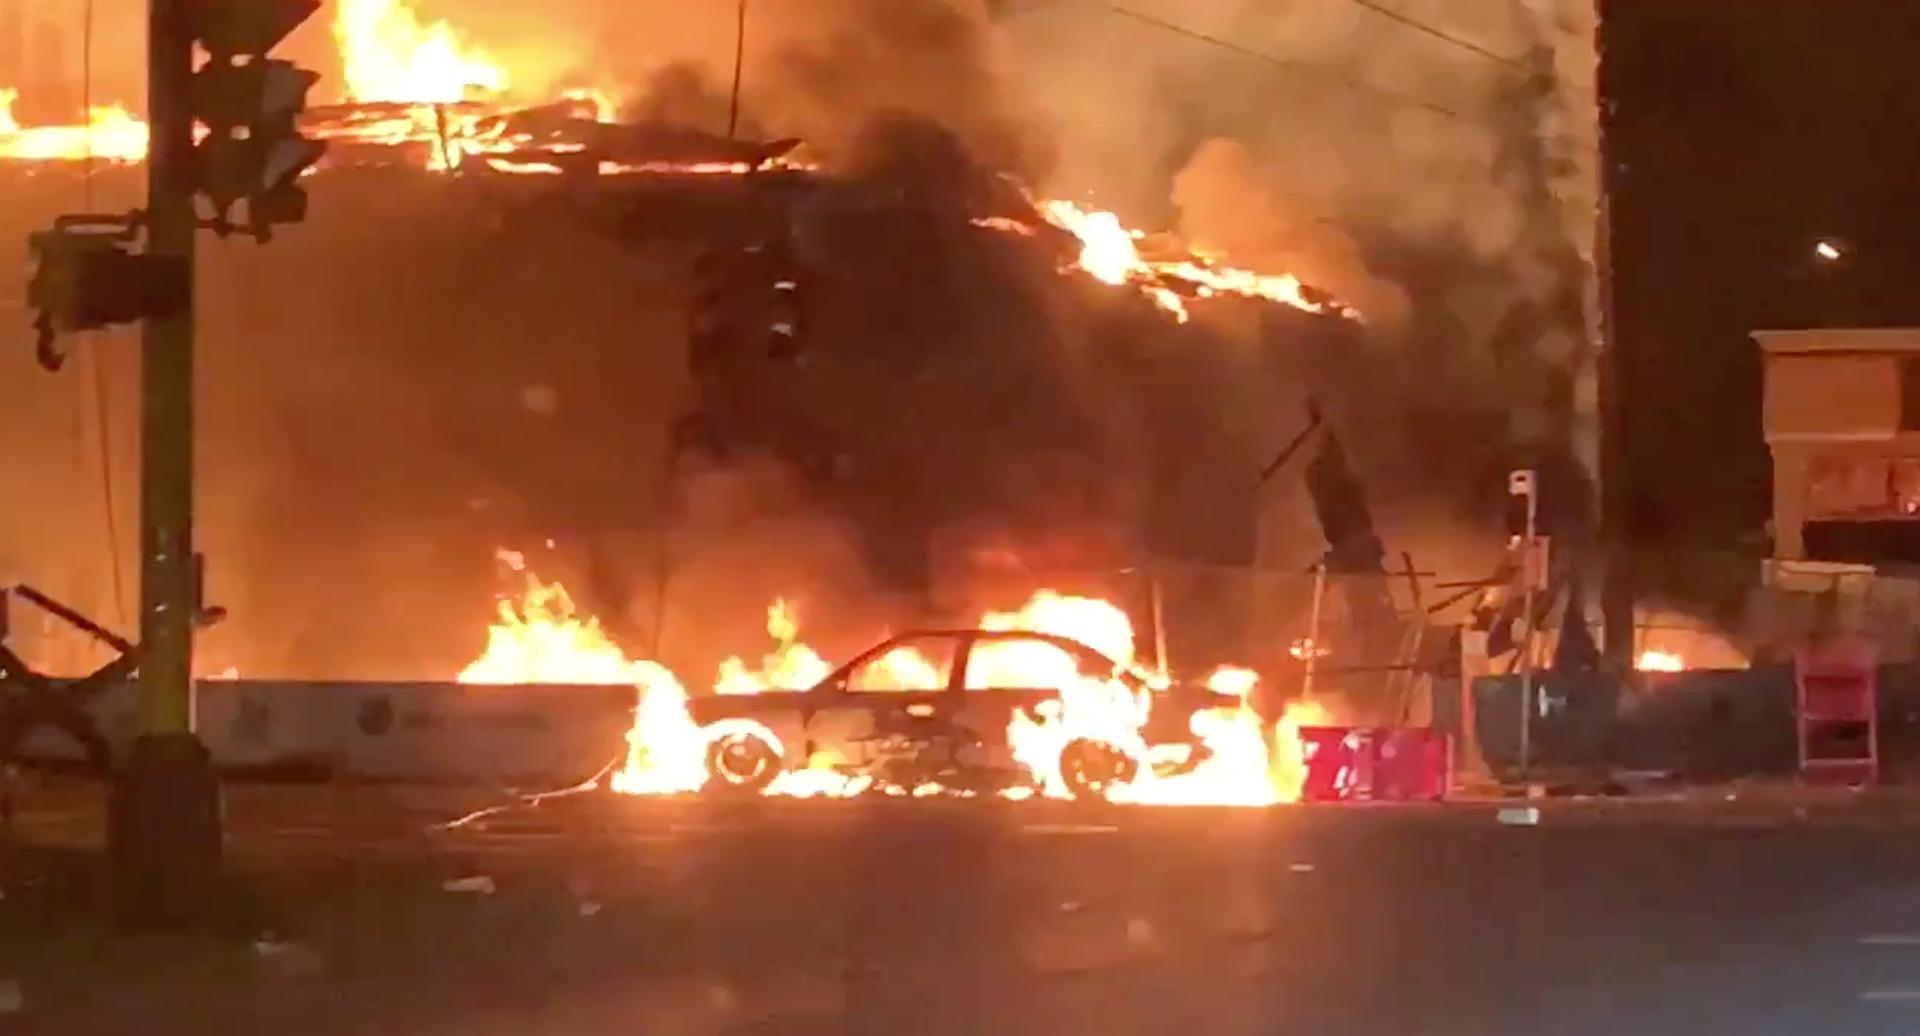 سلطات مدينة منيابوليس الأمريكية تطلب تعزيزات أمنية في ظل تصاعد الاحتجاجات